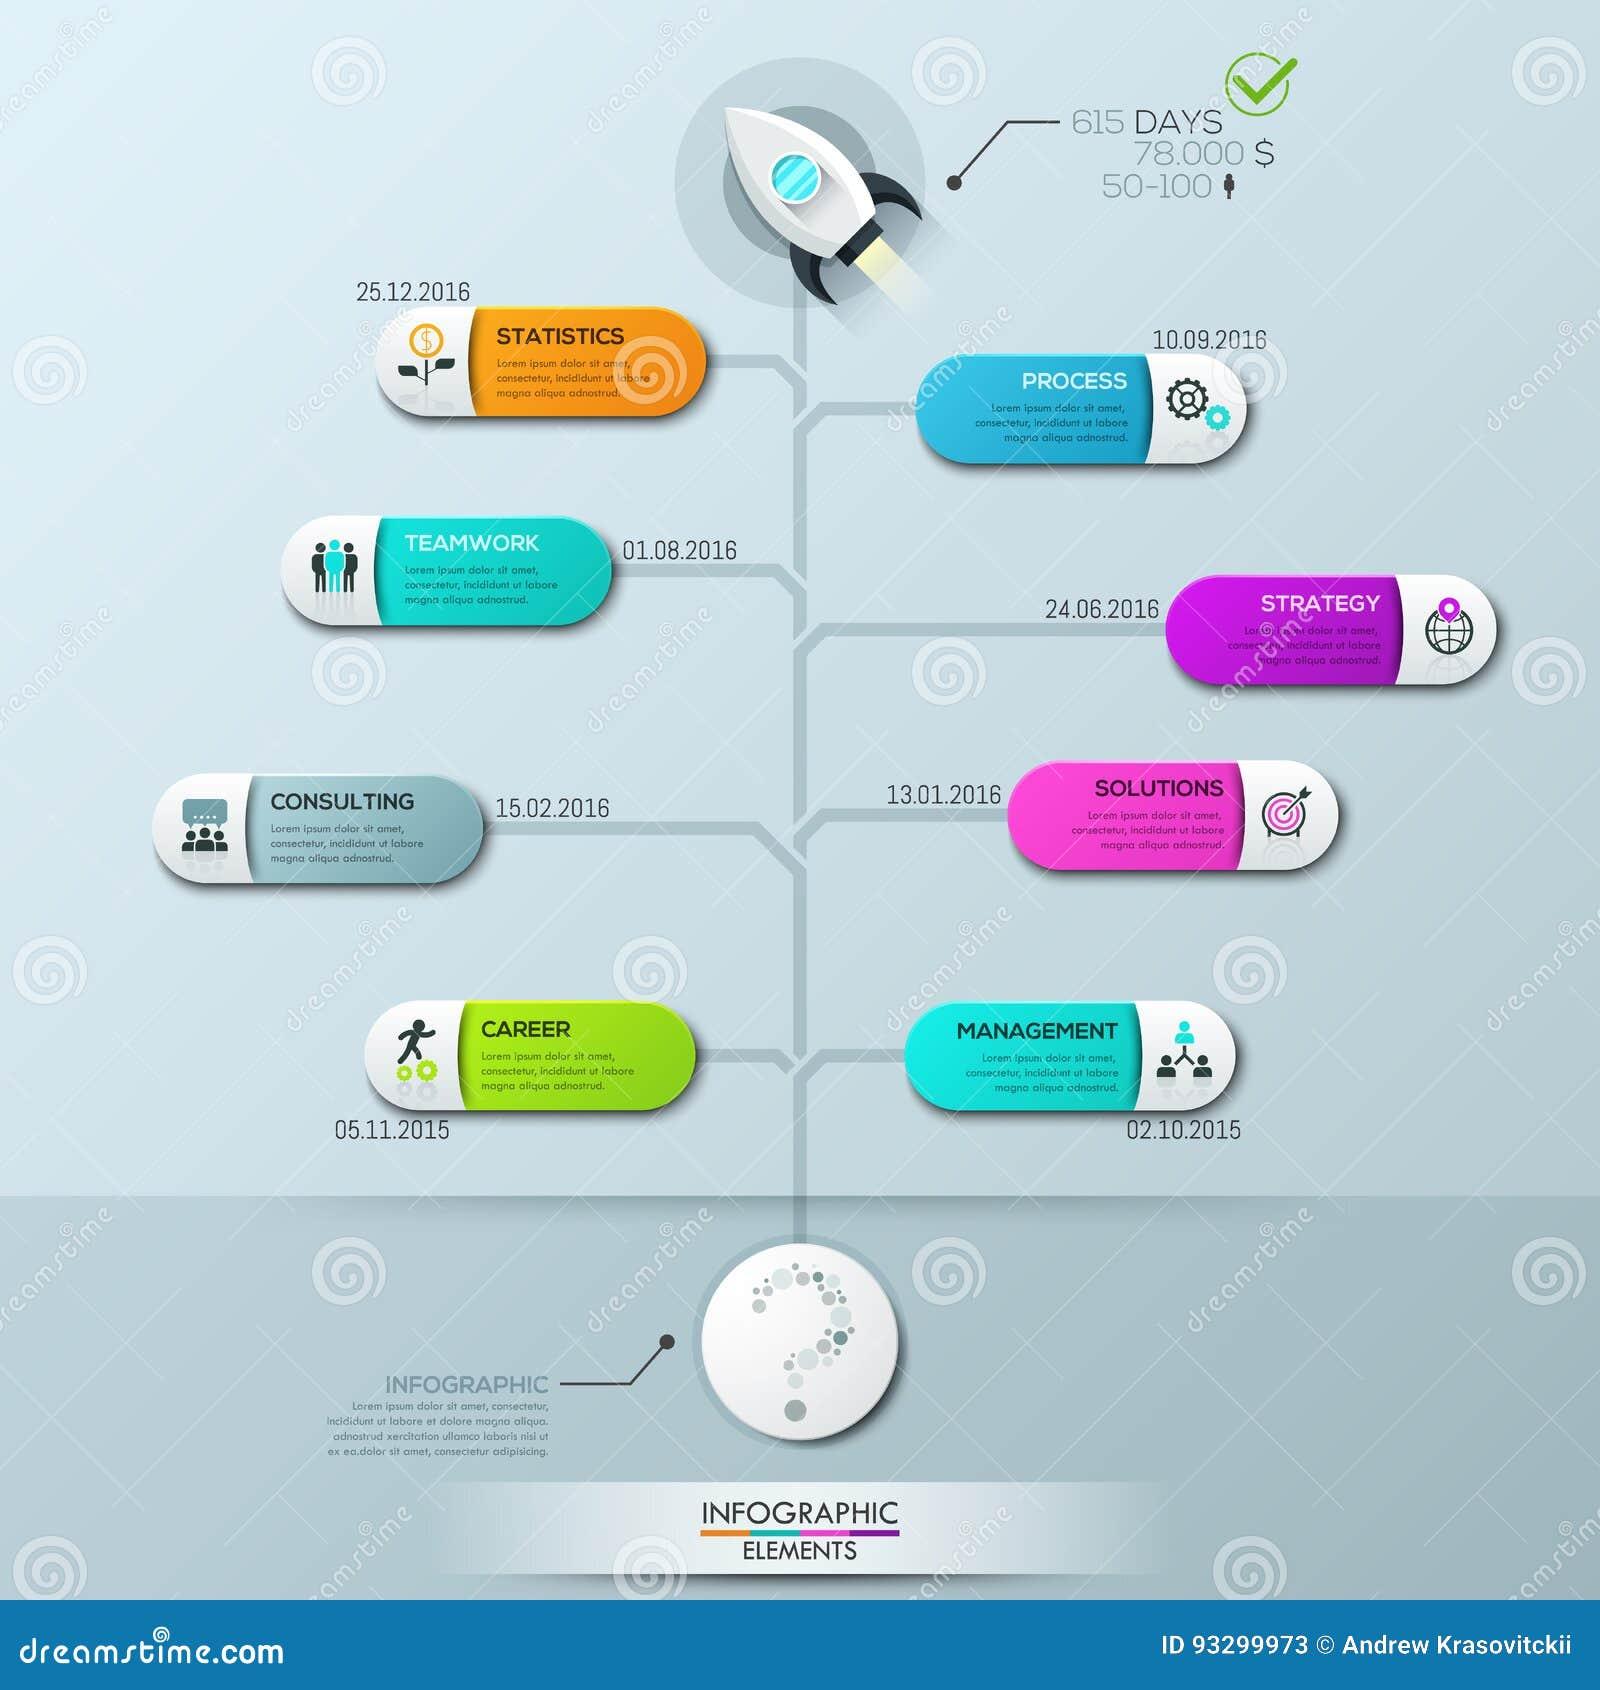 La Plantilla Del Diseño De Infographic, Diagrama De árbol Vertical ...